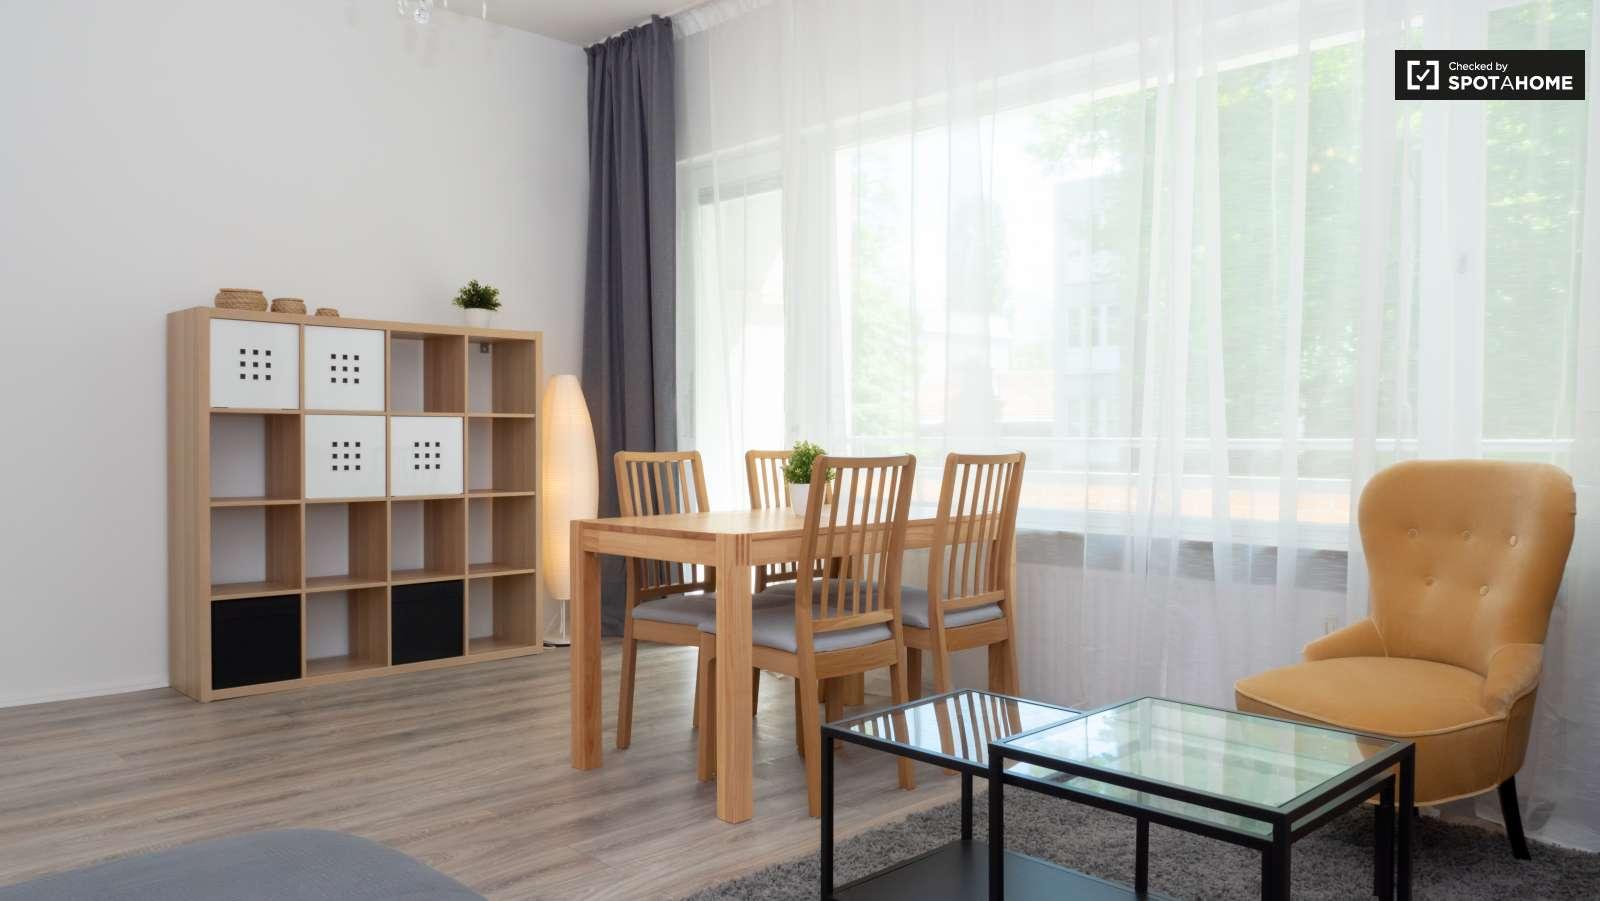 Chic Studio Apartment For Rent In Reinickendorf Berlin Ref